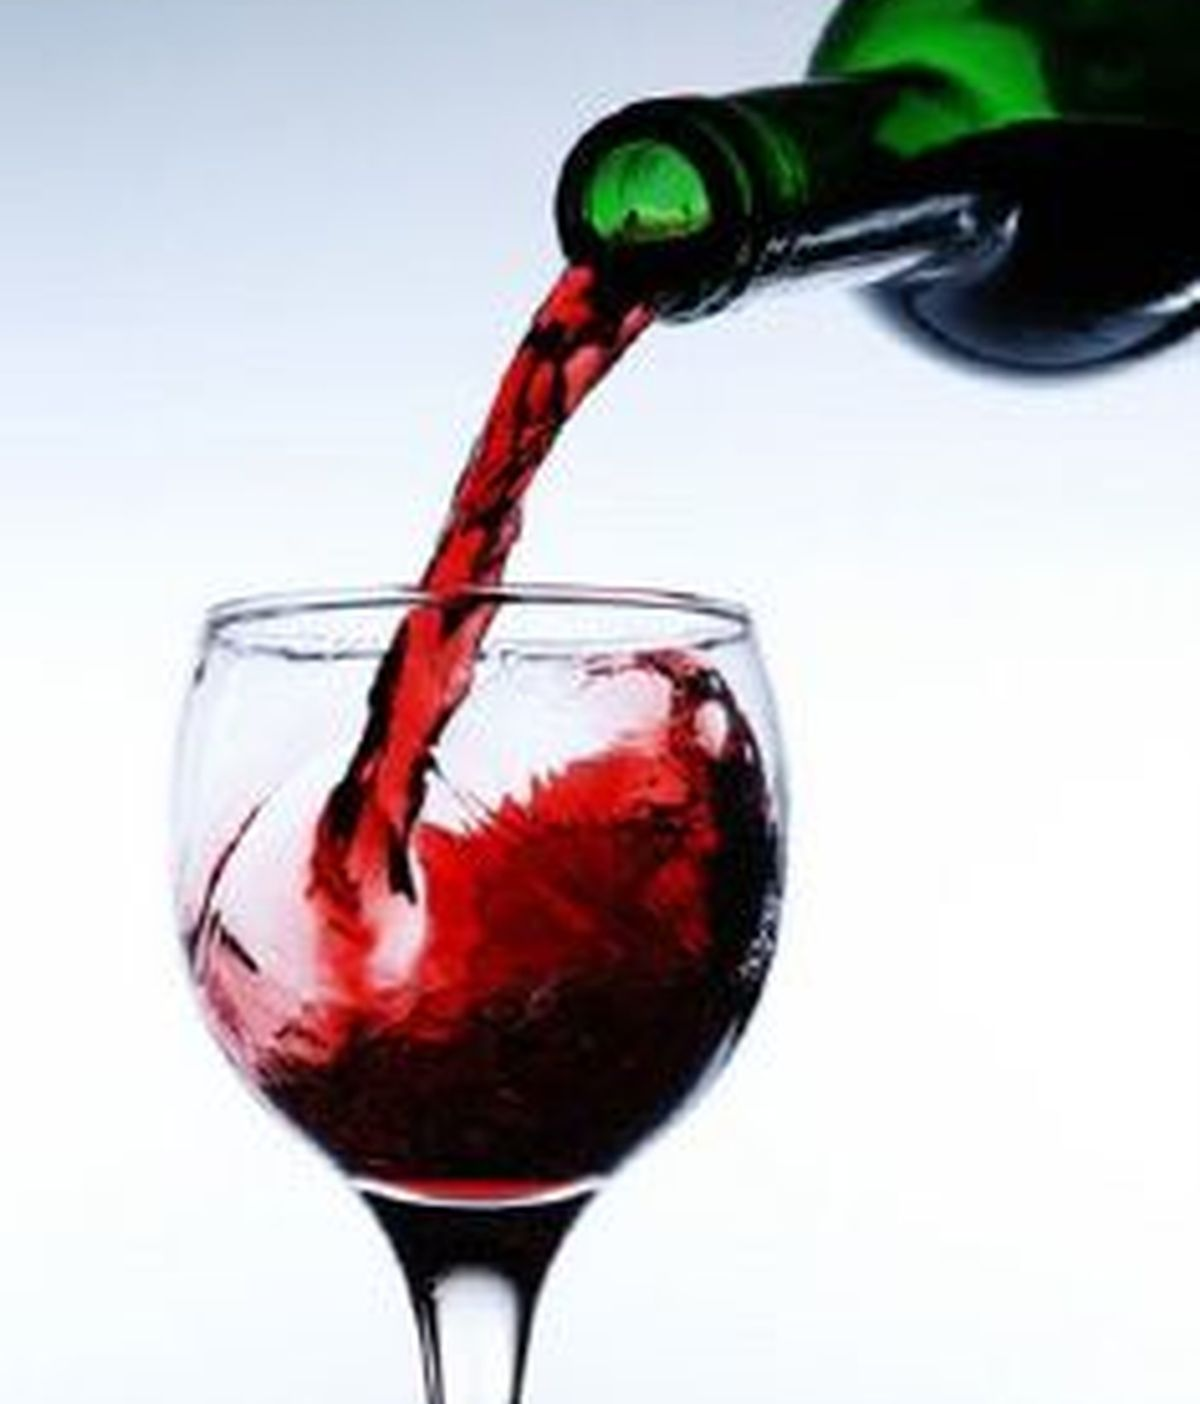 El vino se comercializará en superficies por un precio no superior a 5 euros.